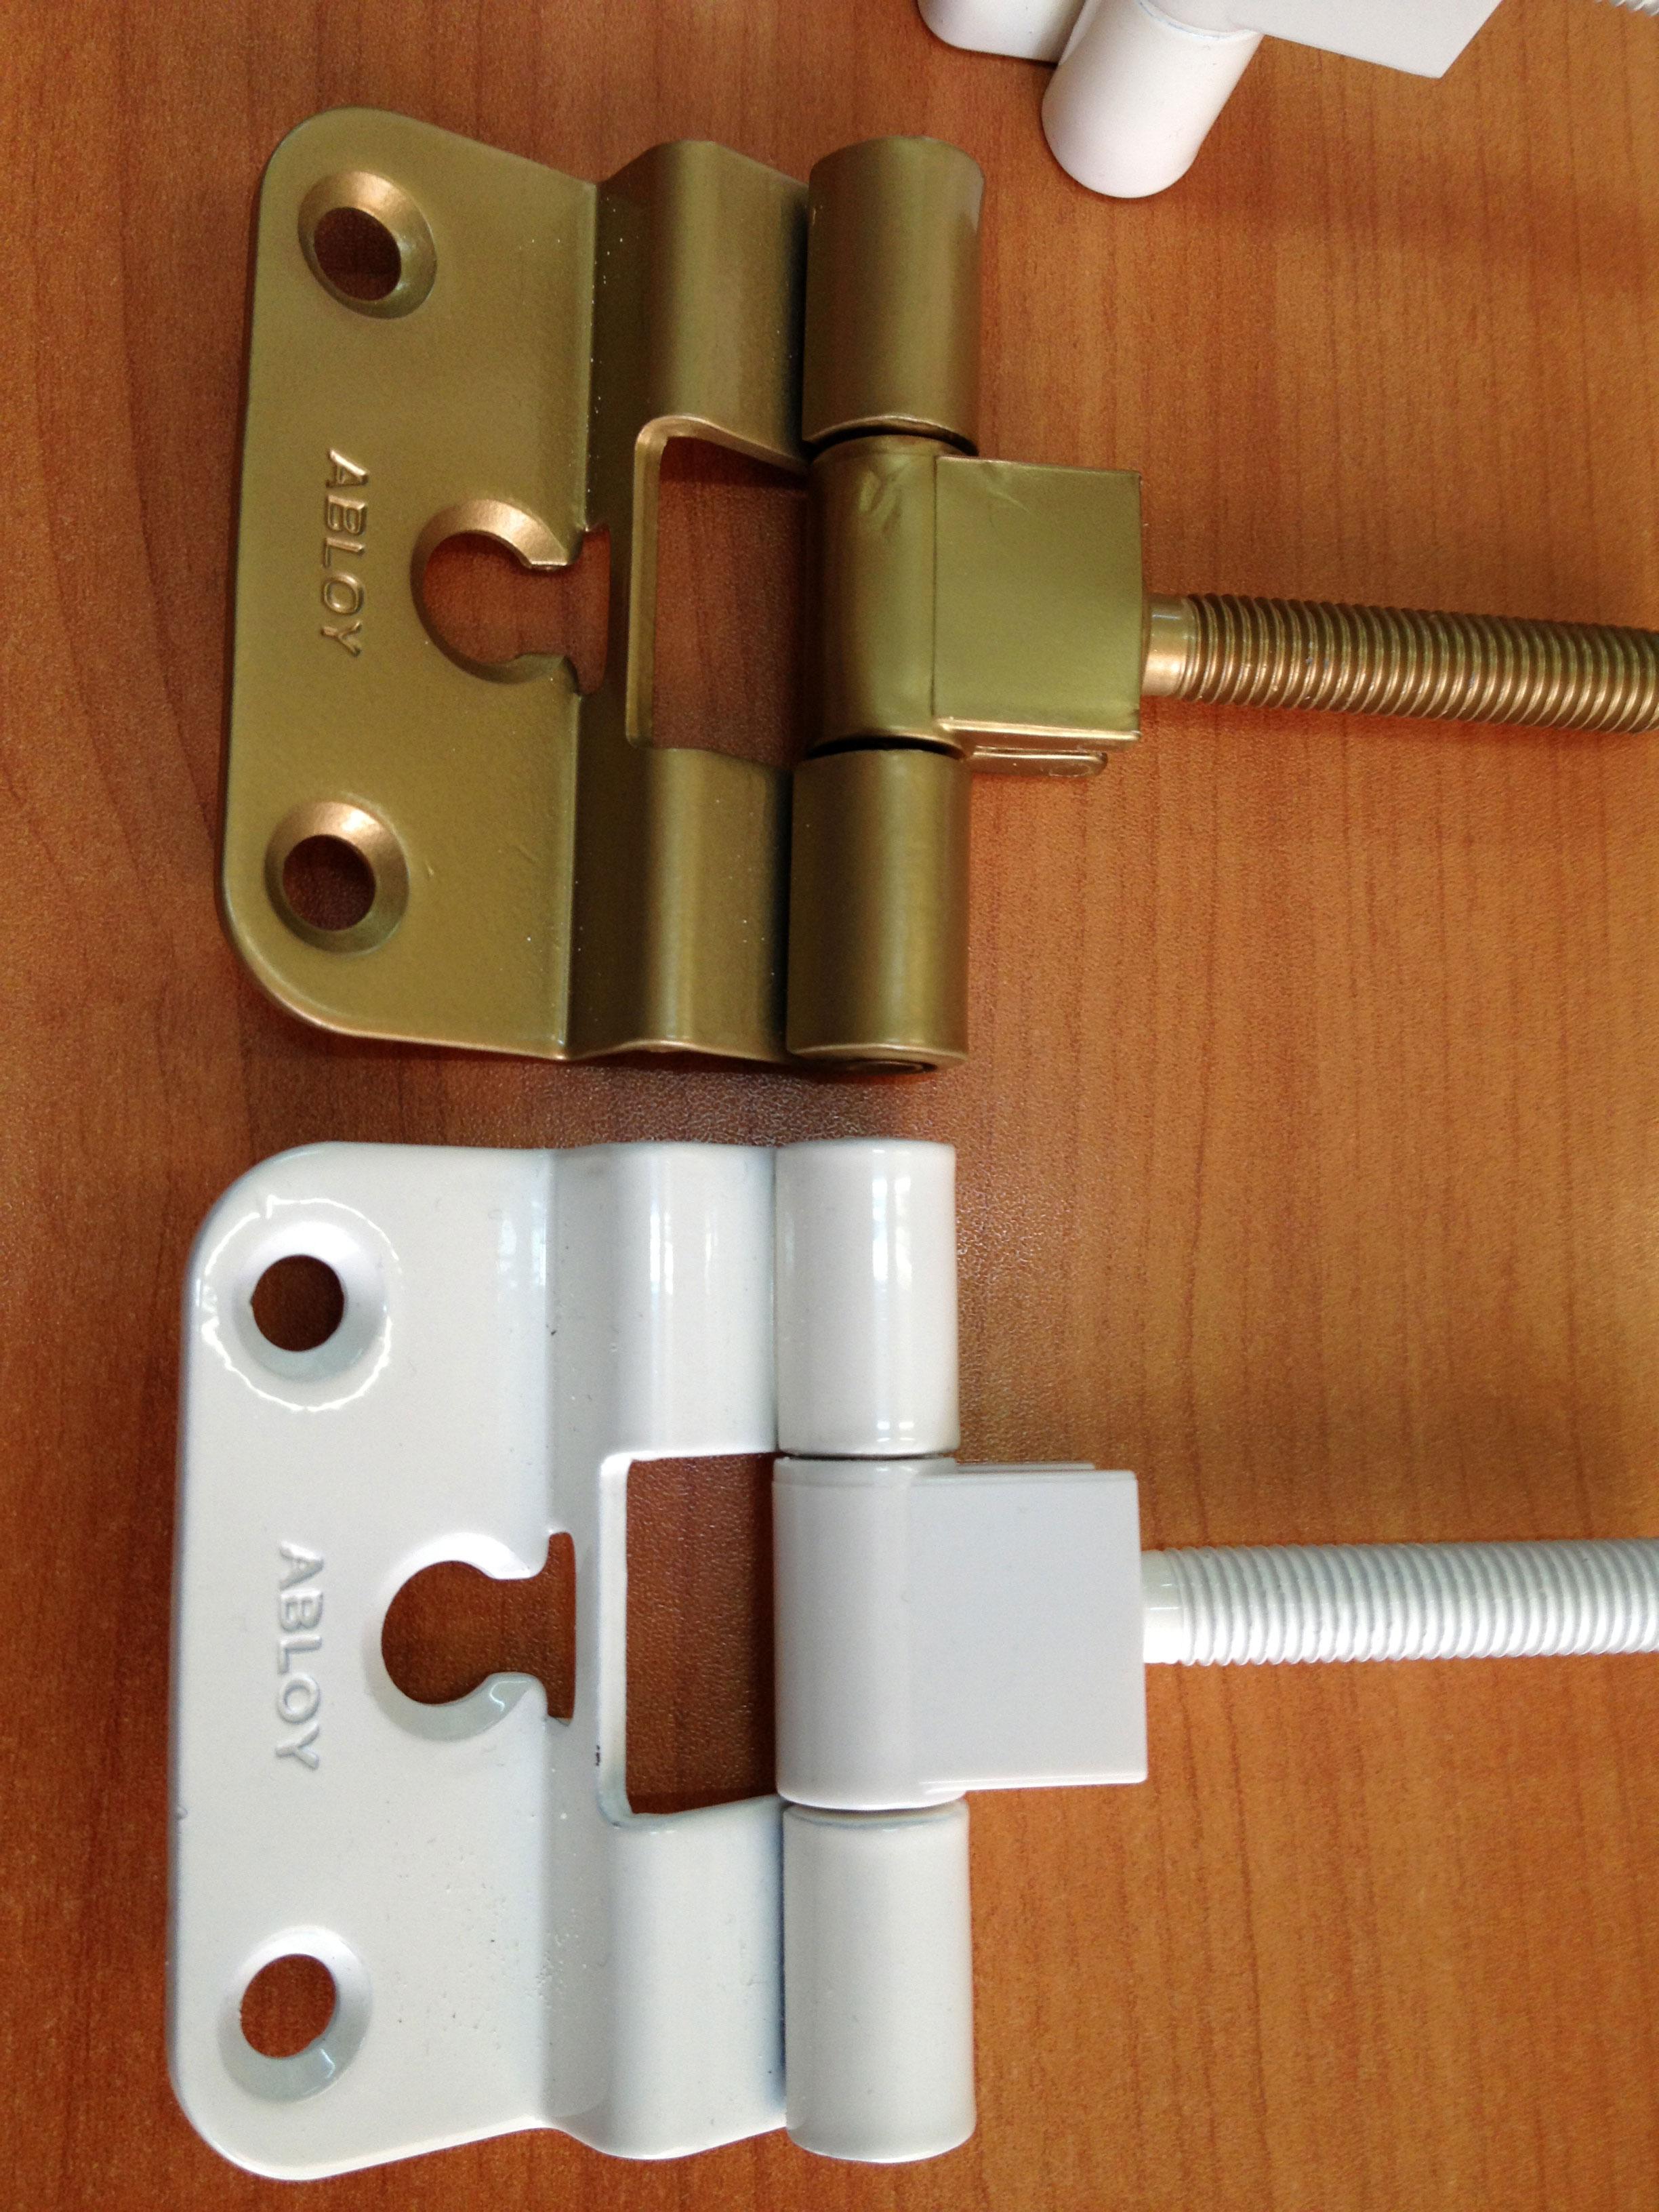 Дверные петли: виды петель для дверей с притвором, маятниковые и универсальные изделия, монтаж конструкций с доводчиком